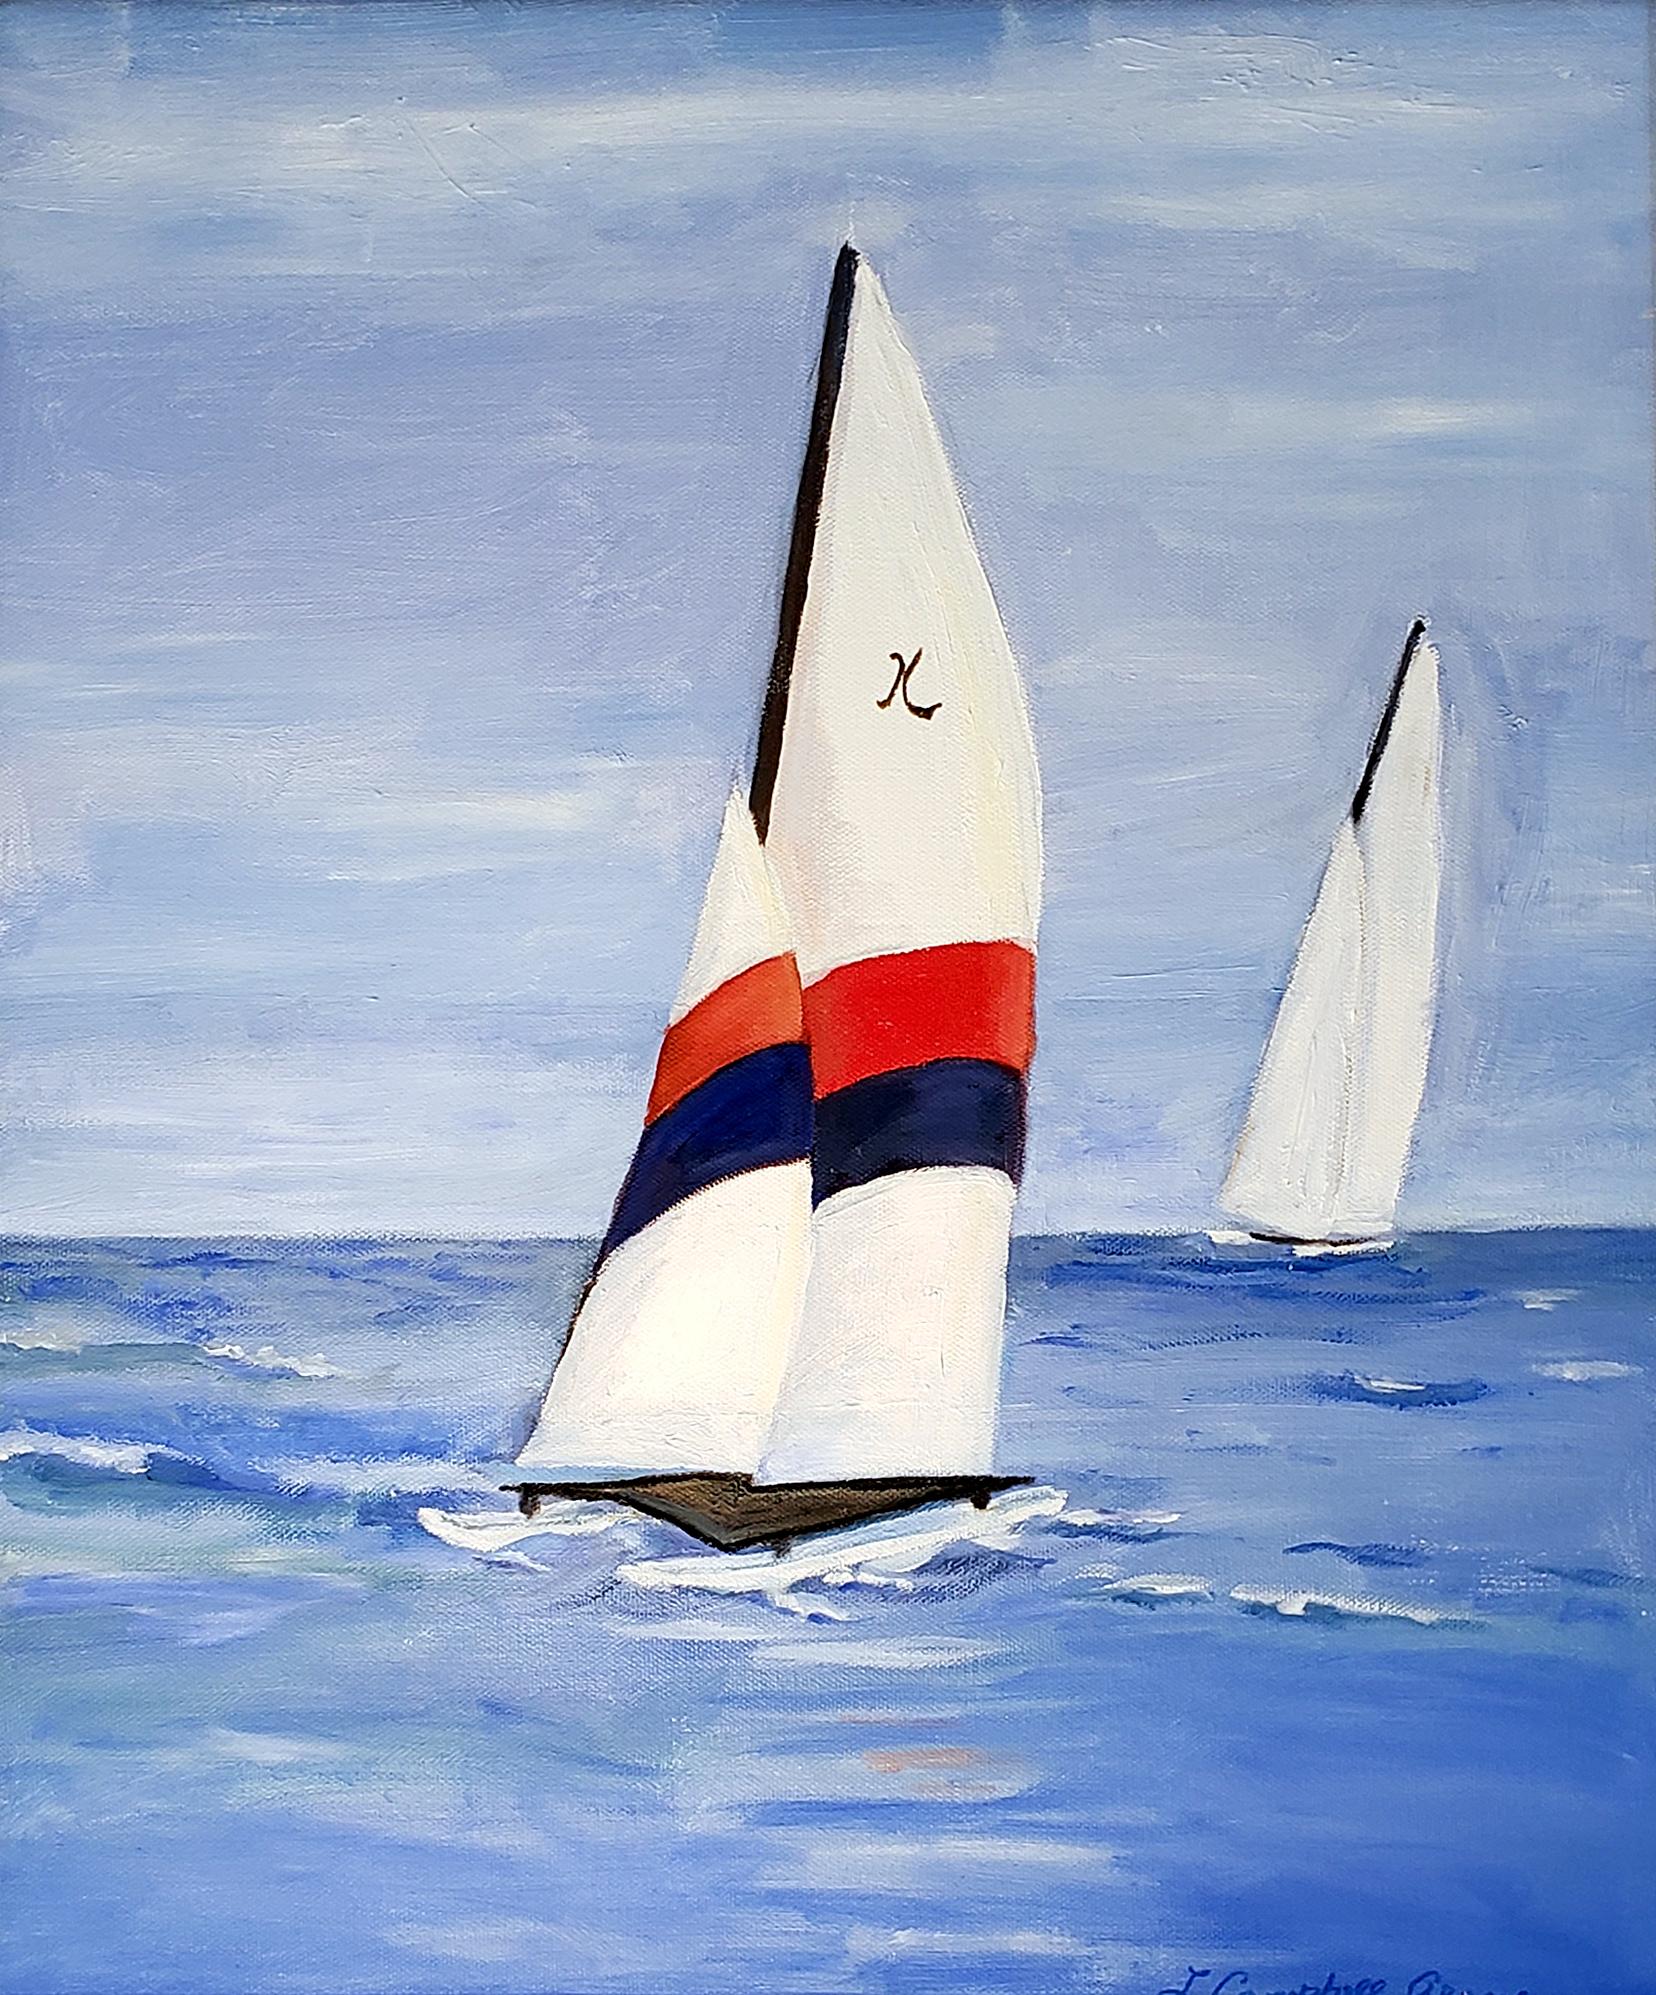 Sailing - Linda Campbell Arena